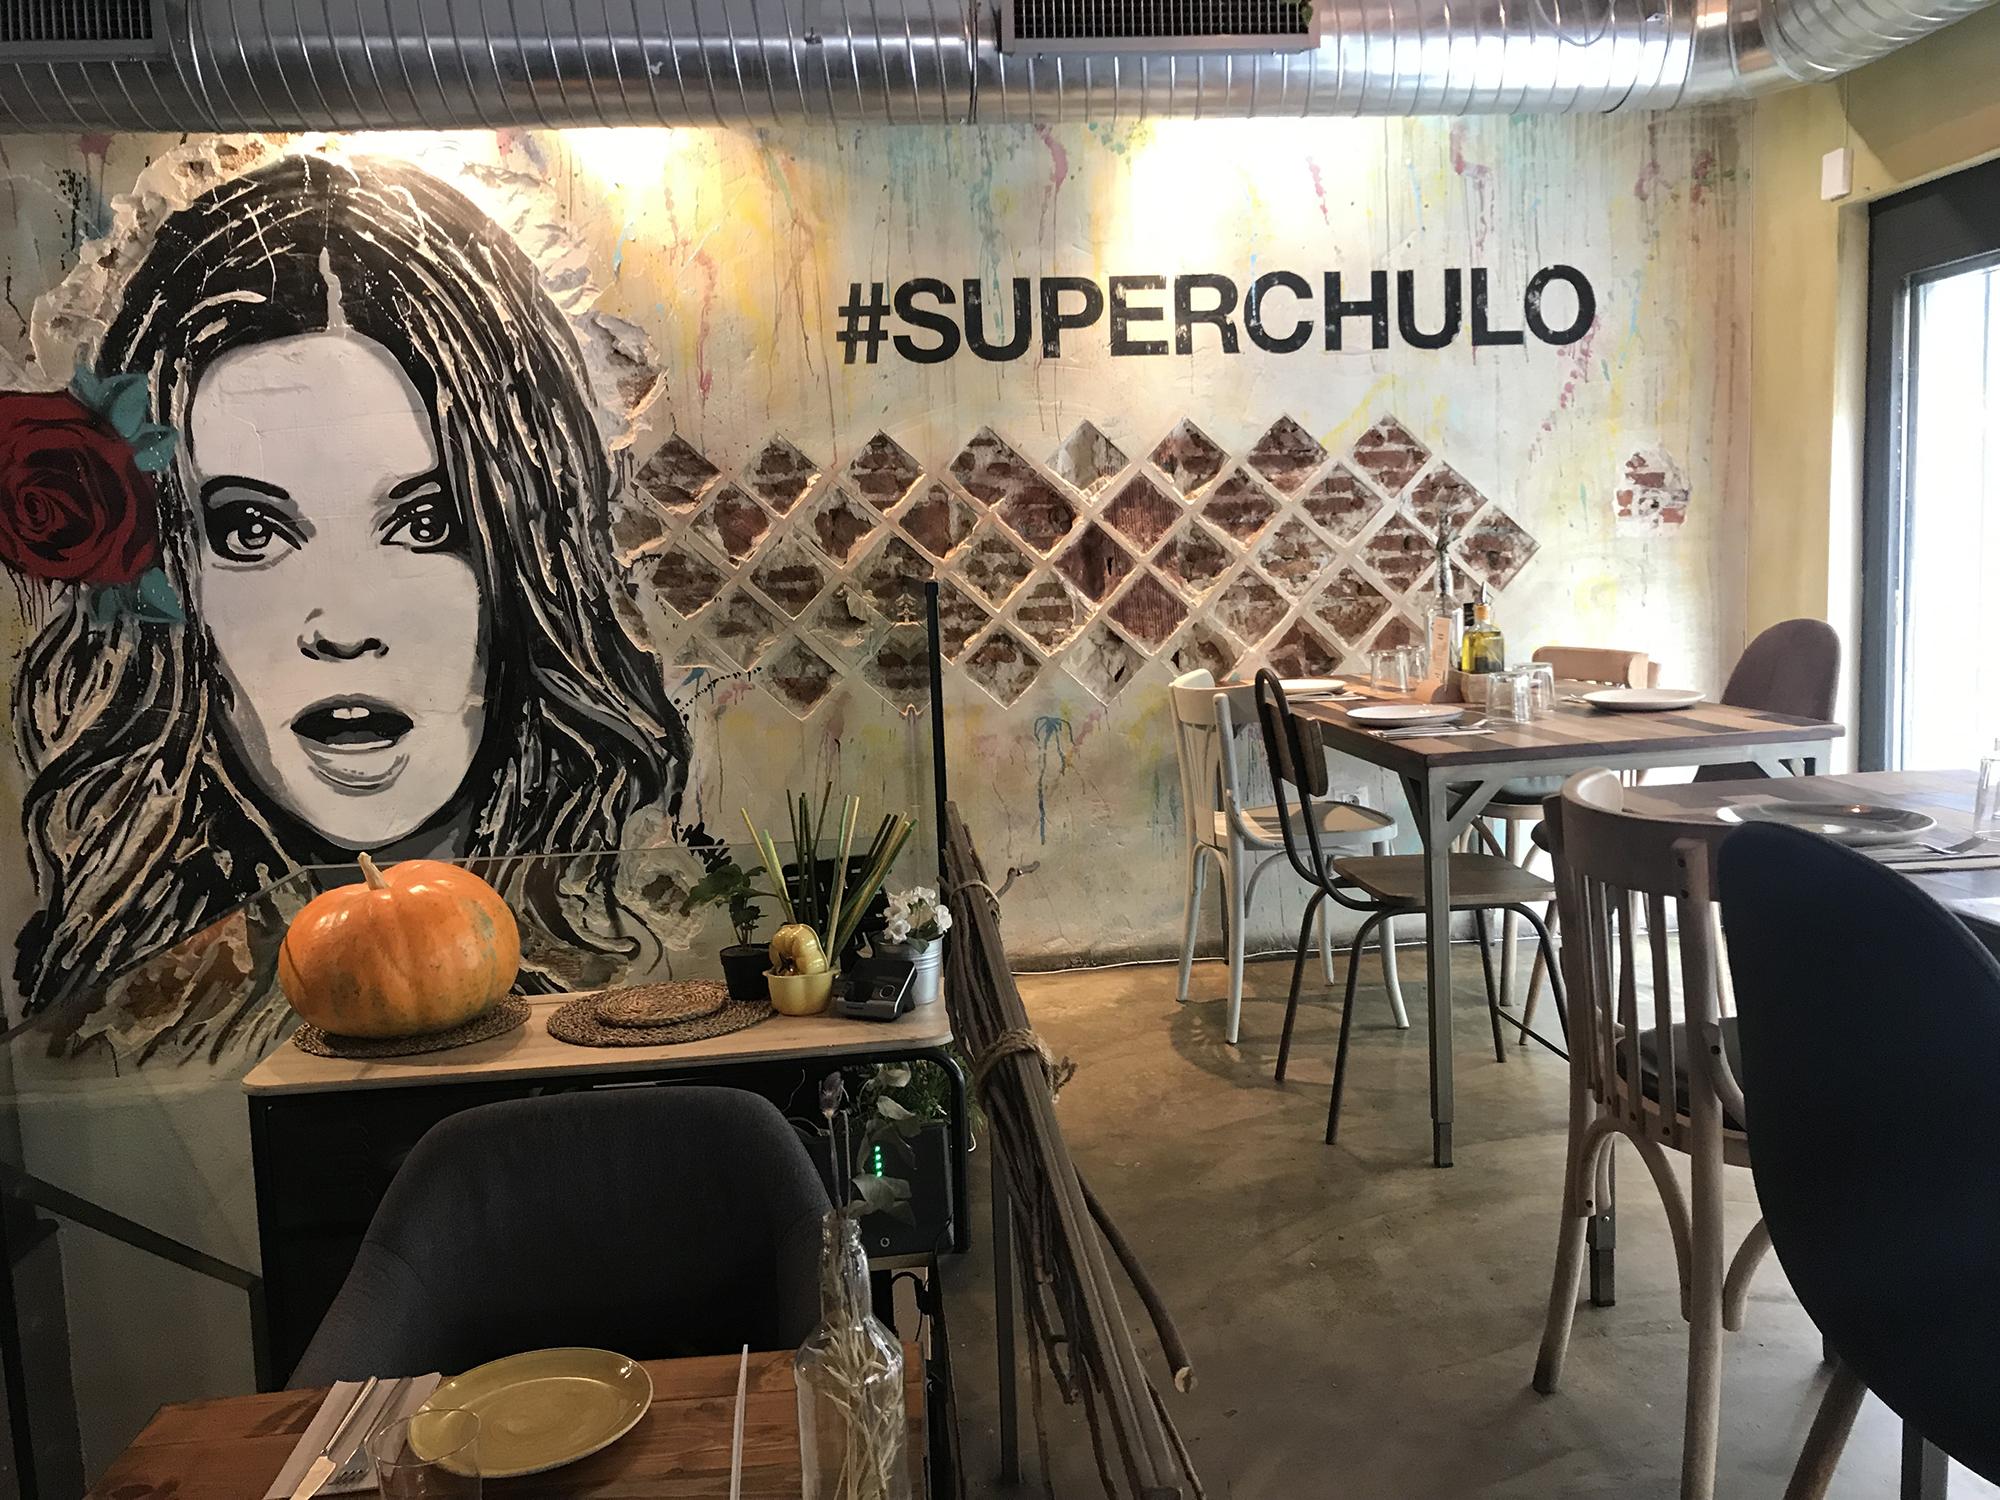 14-SUPERCHULO-5